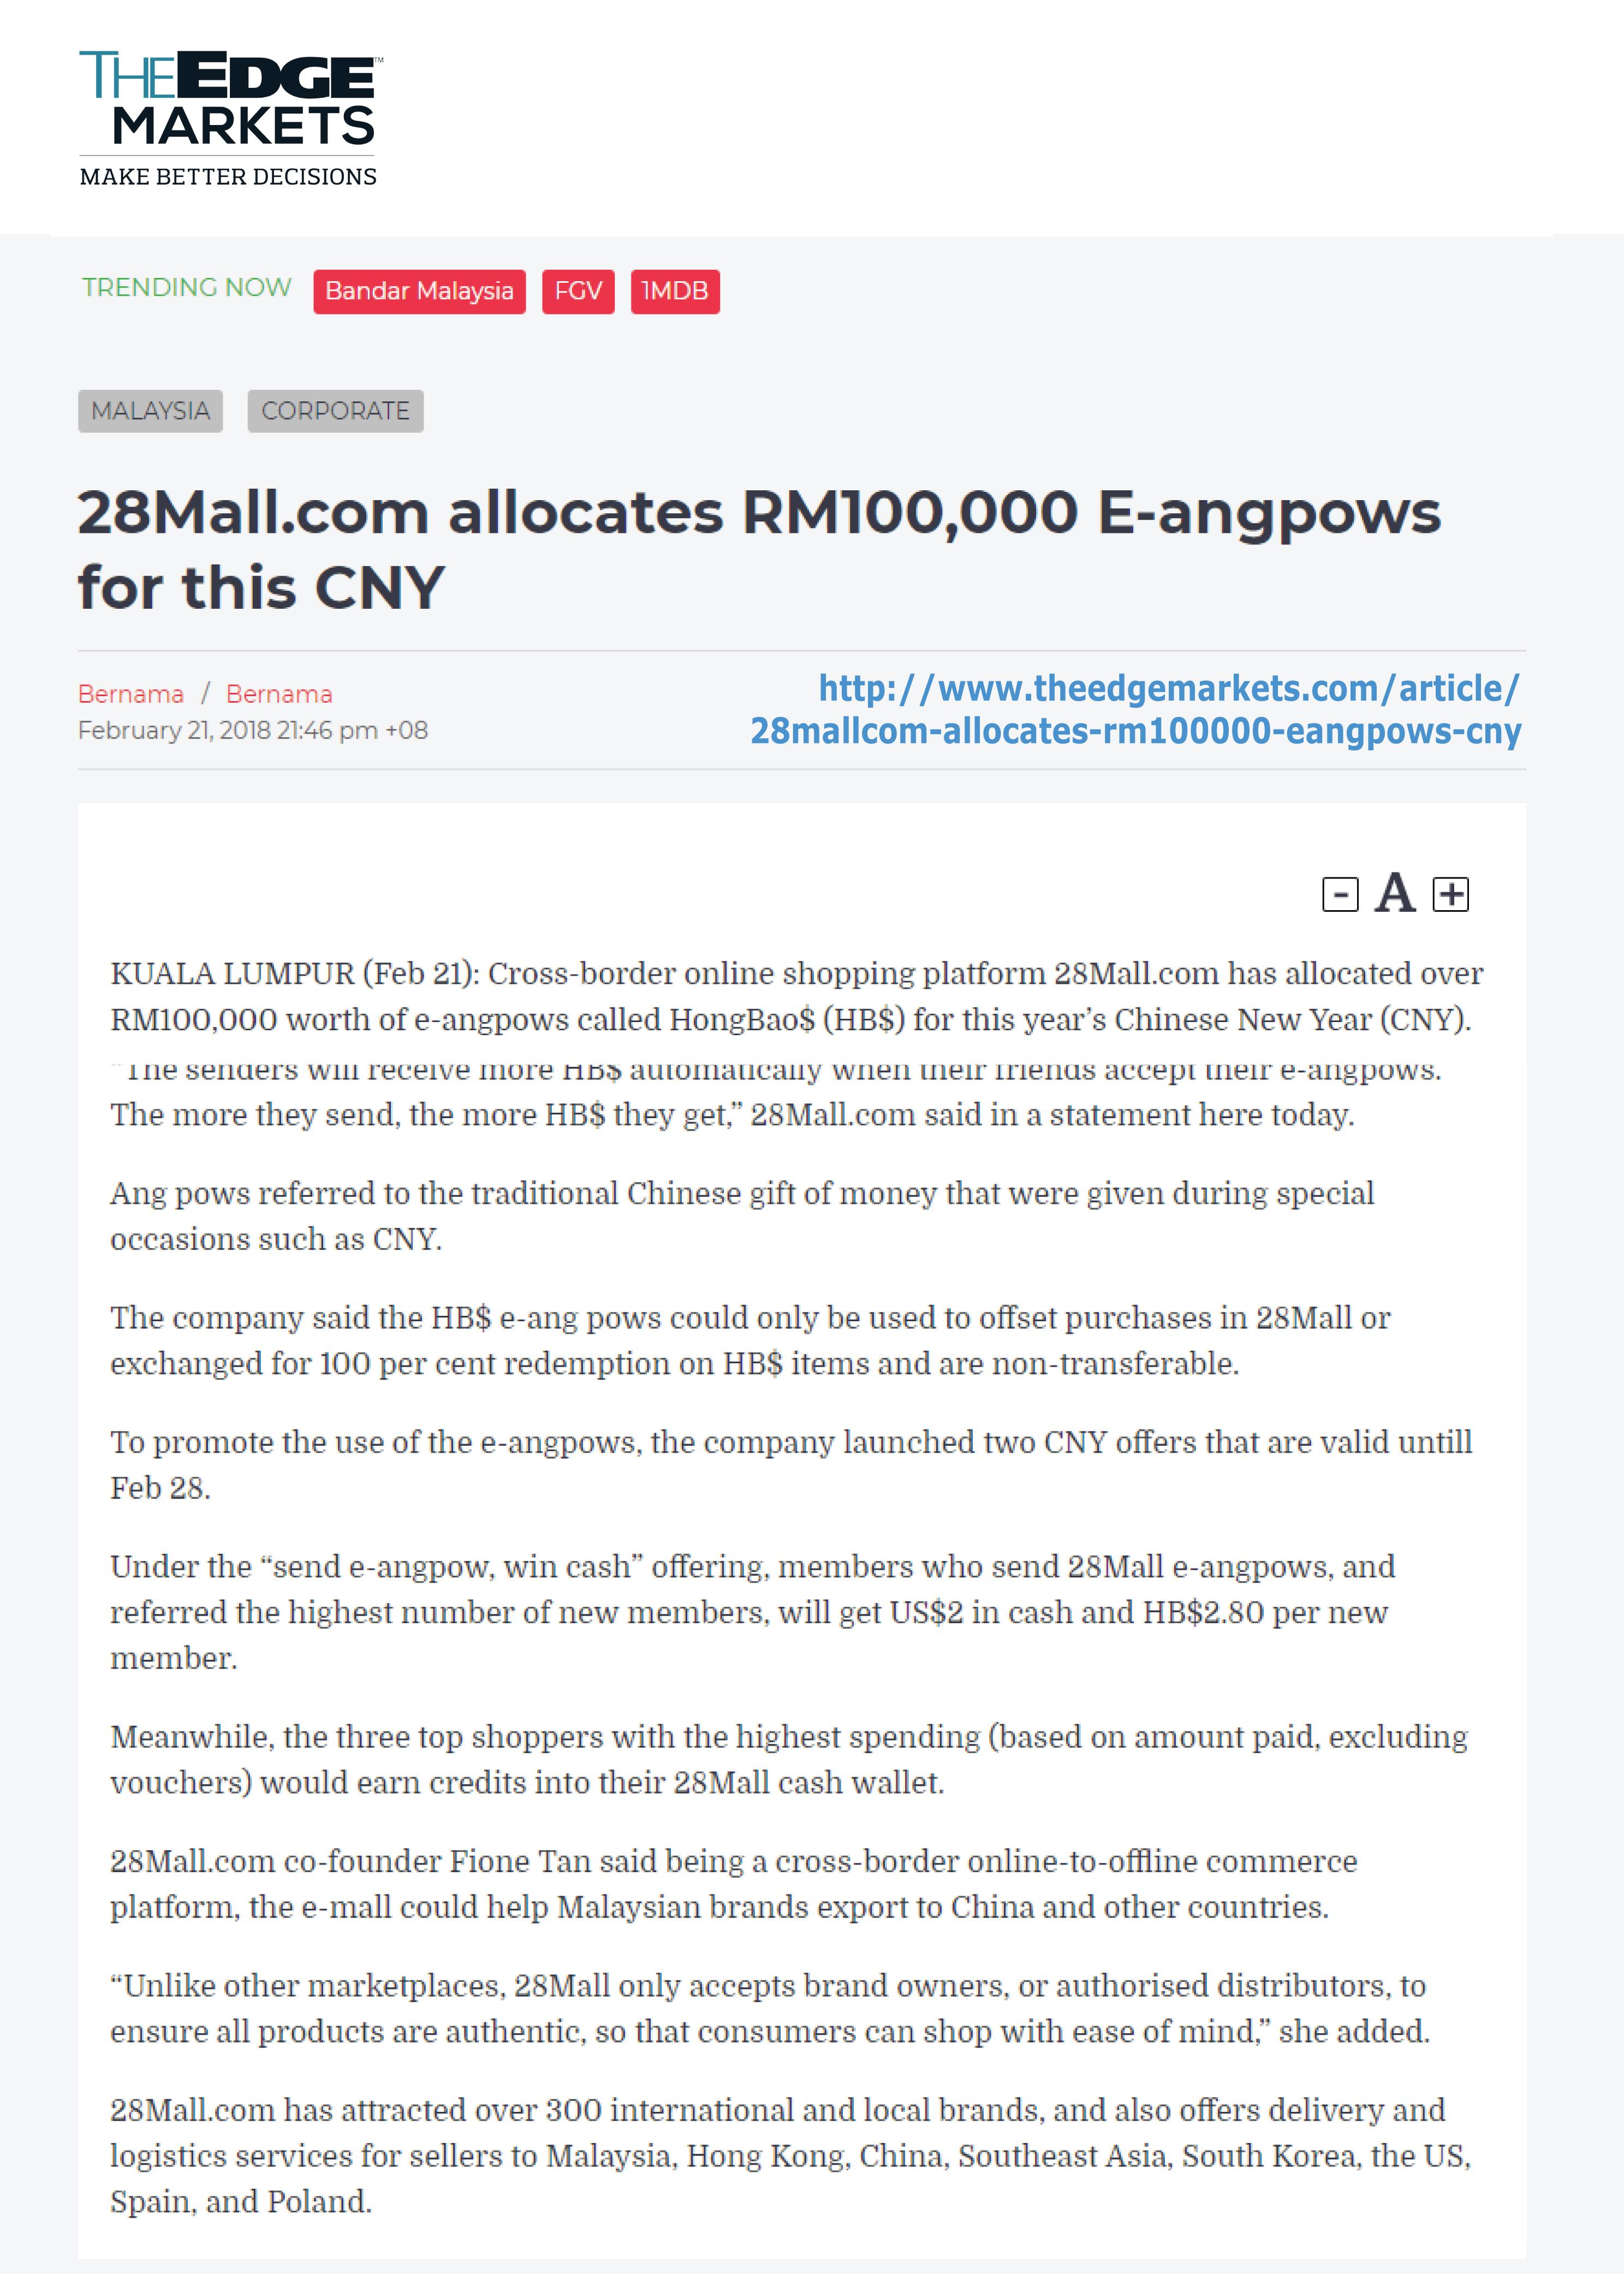 28Mall.com allocates RM100,000 e-AngPows for this CNY